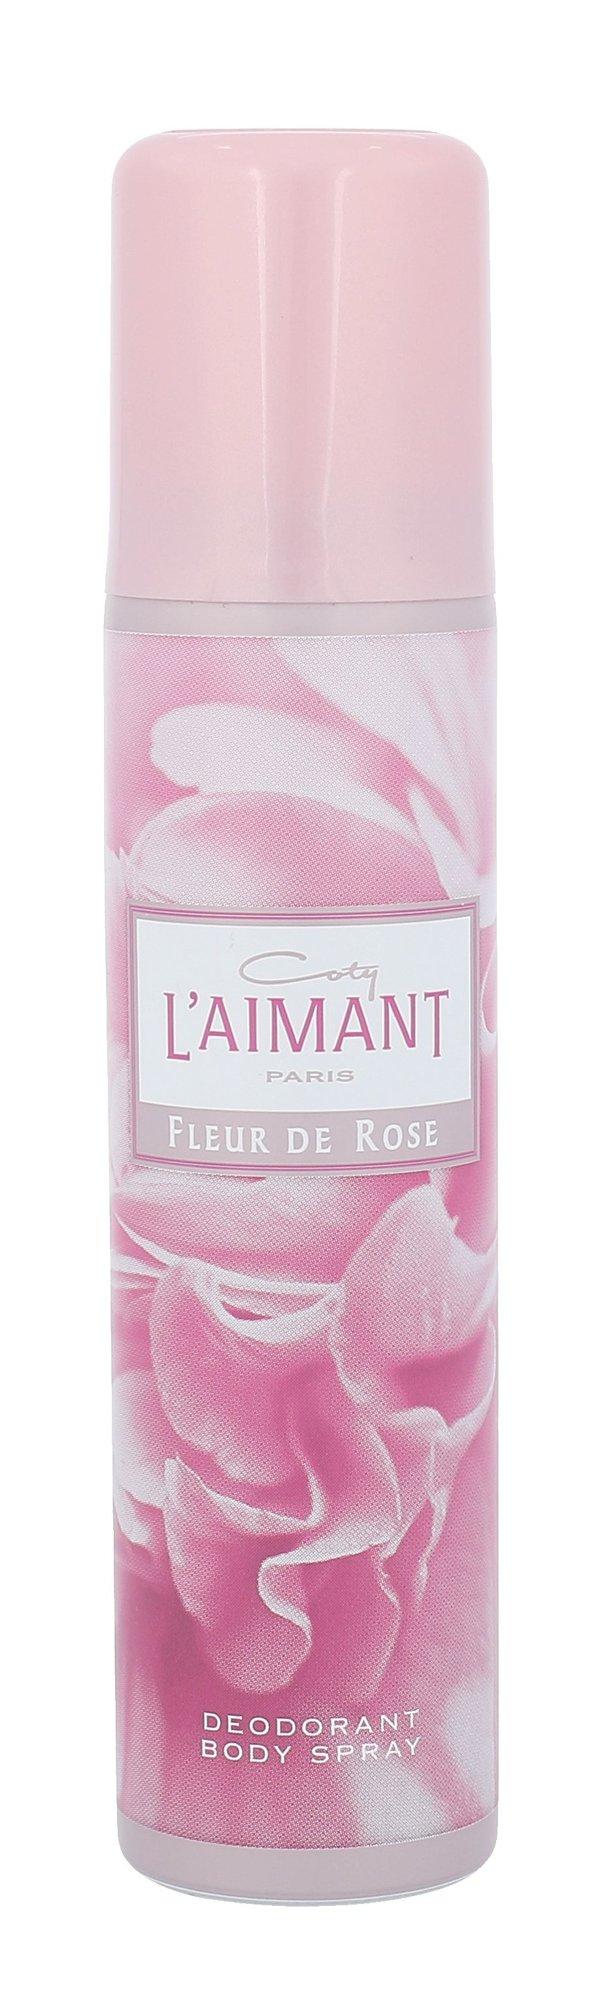 Coty L´Aimant Fleur de Rose Deodorant 75ml